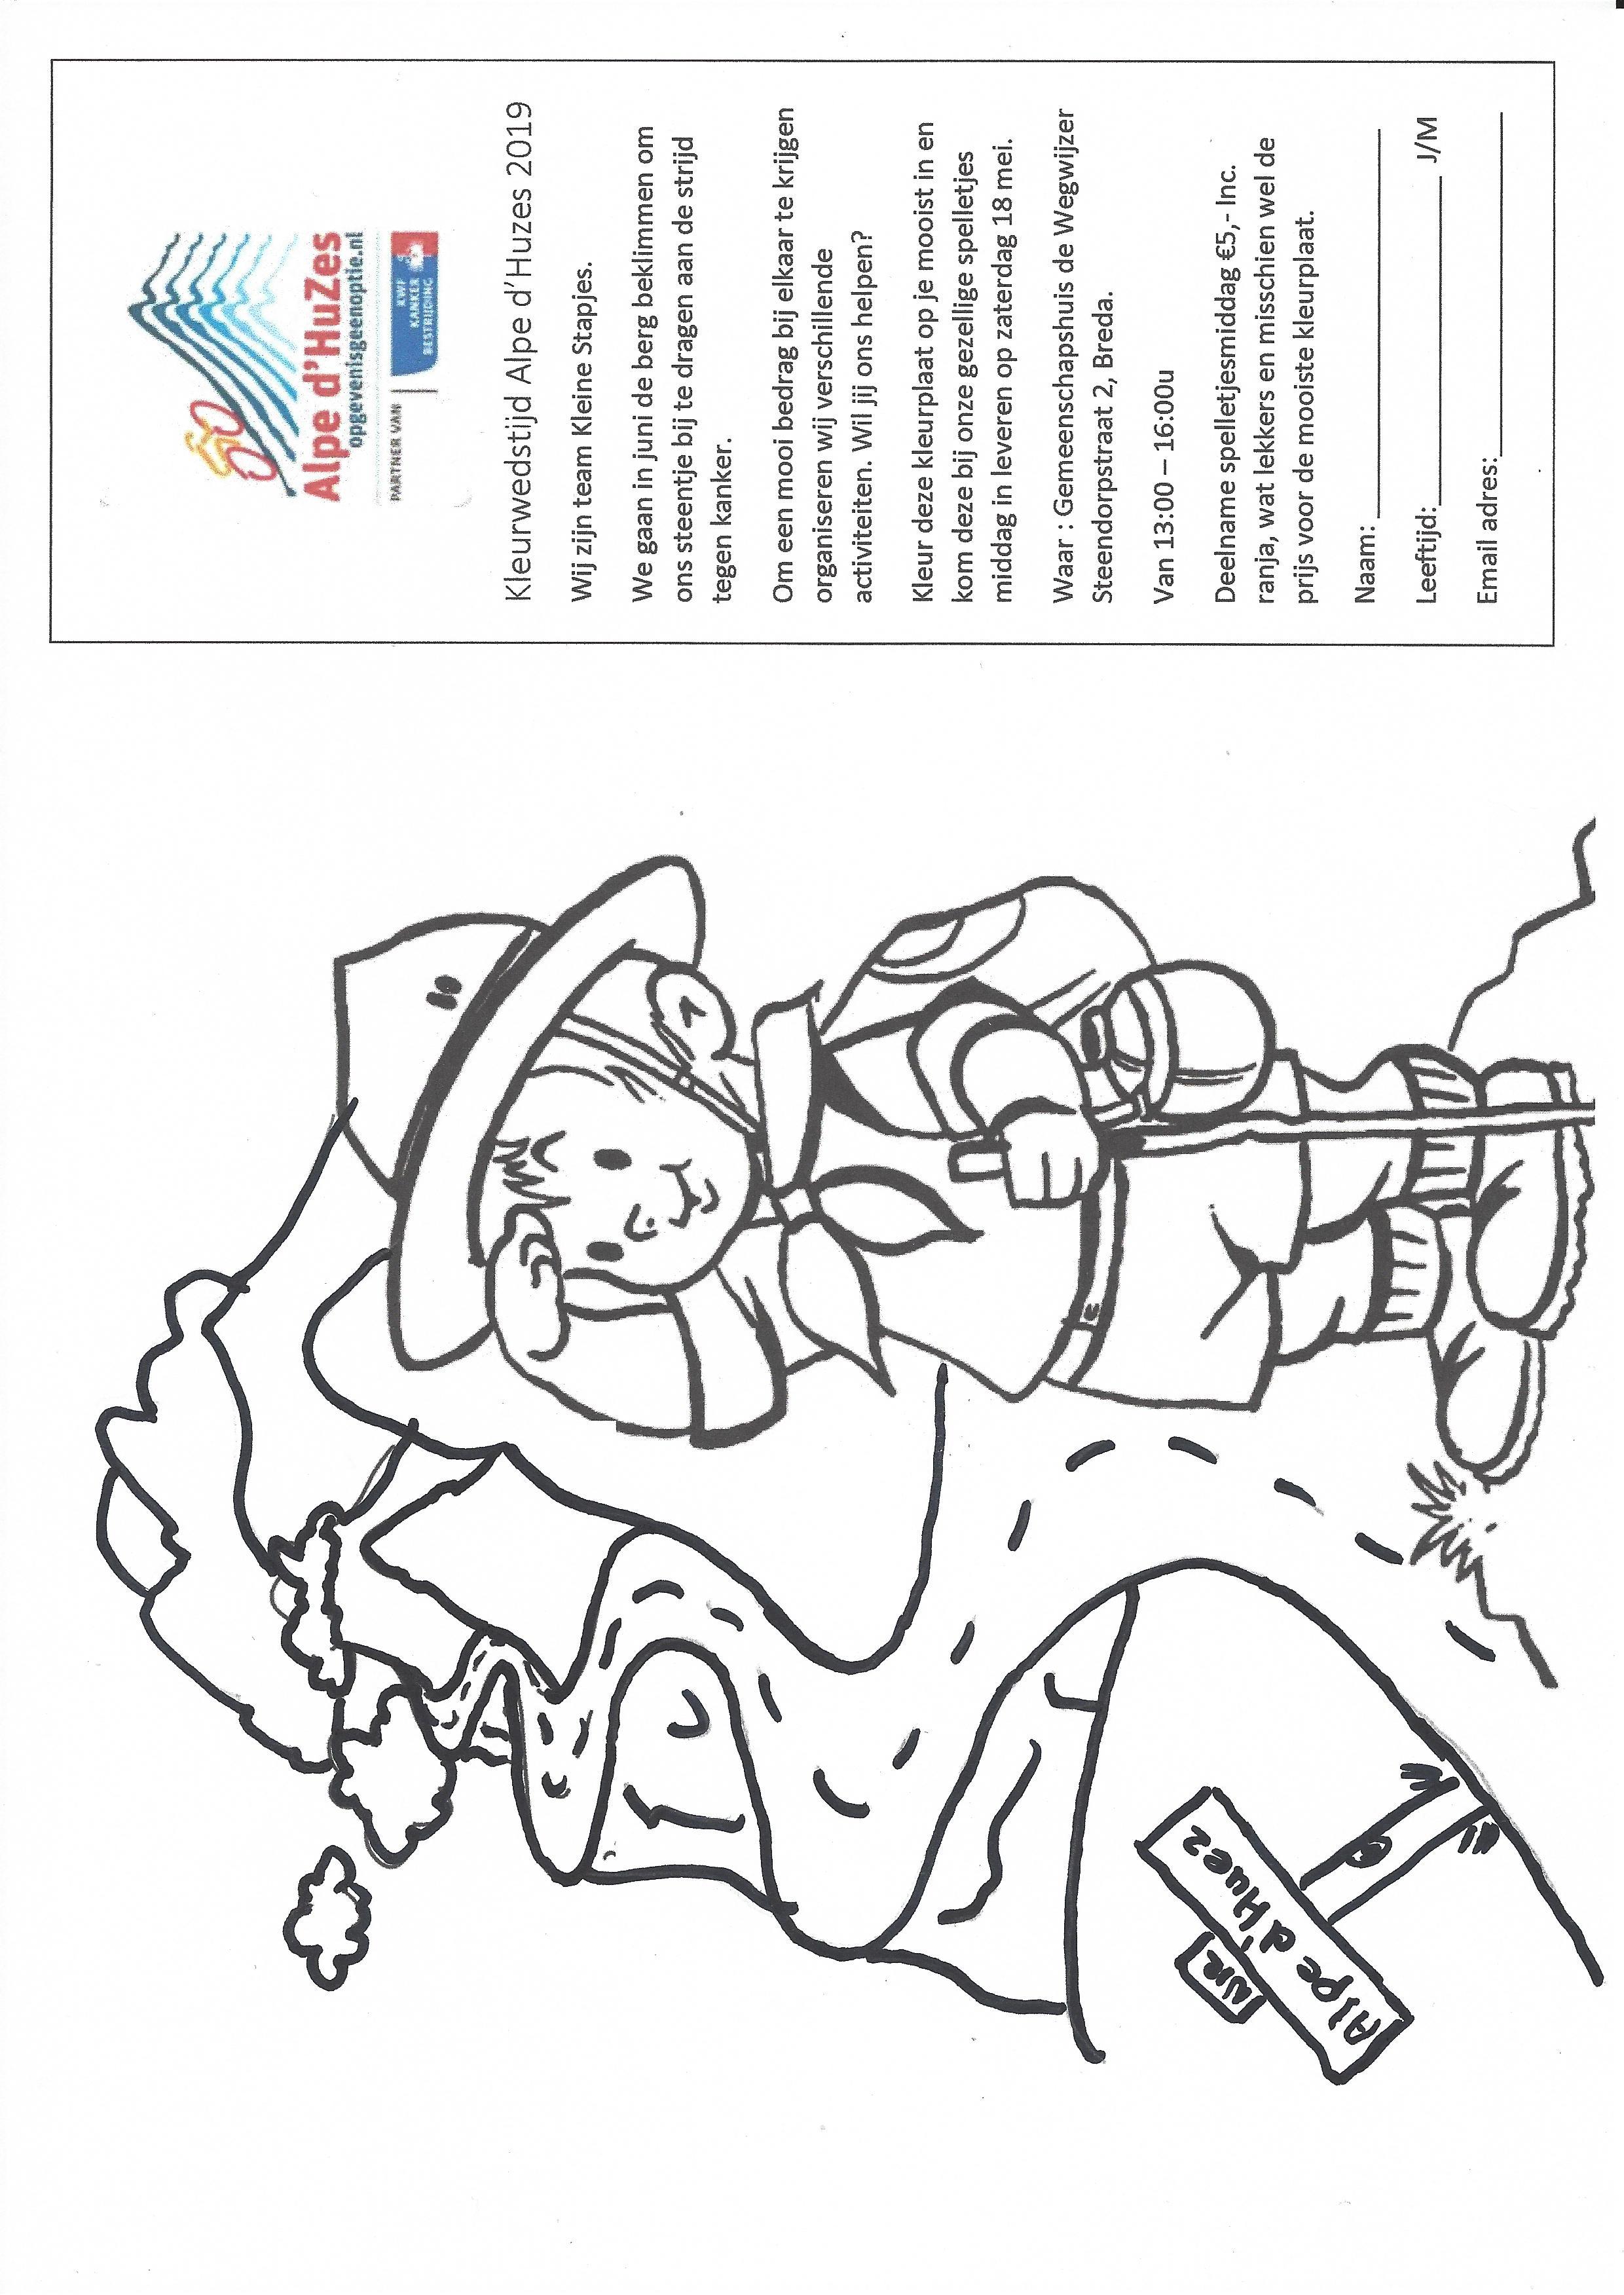 1417ac3dde7 Mooie Prijzen Te Winnen Bij Kleurwedstrijd | Dejachthoorn